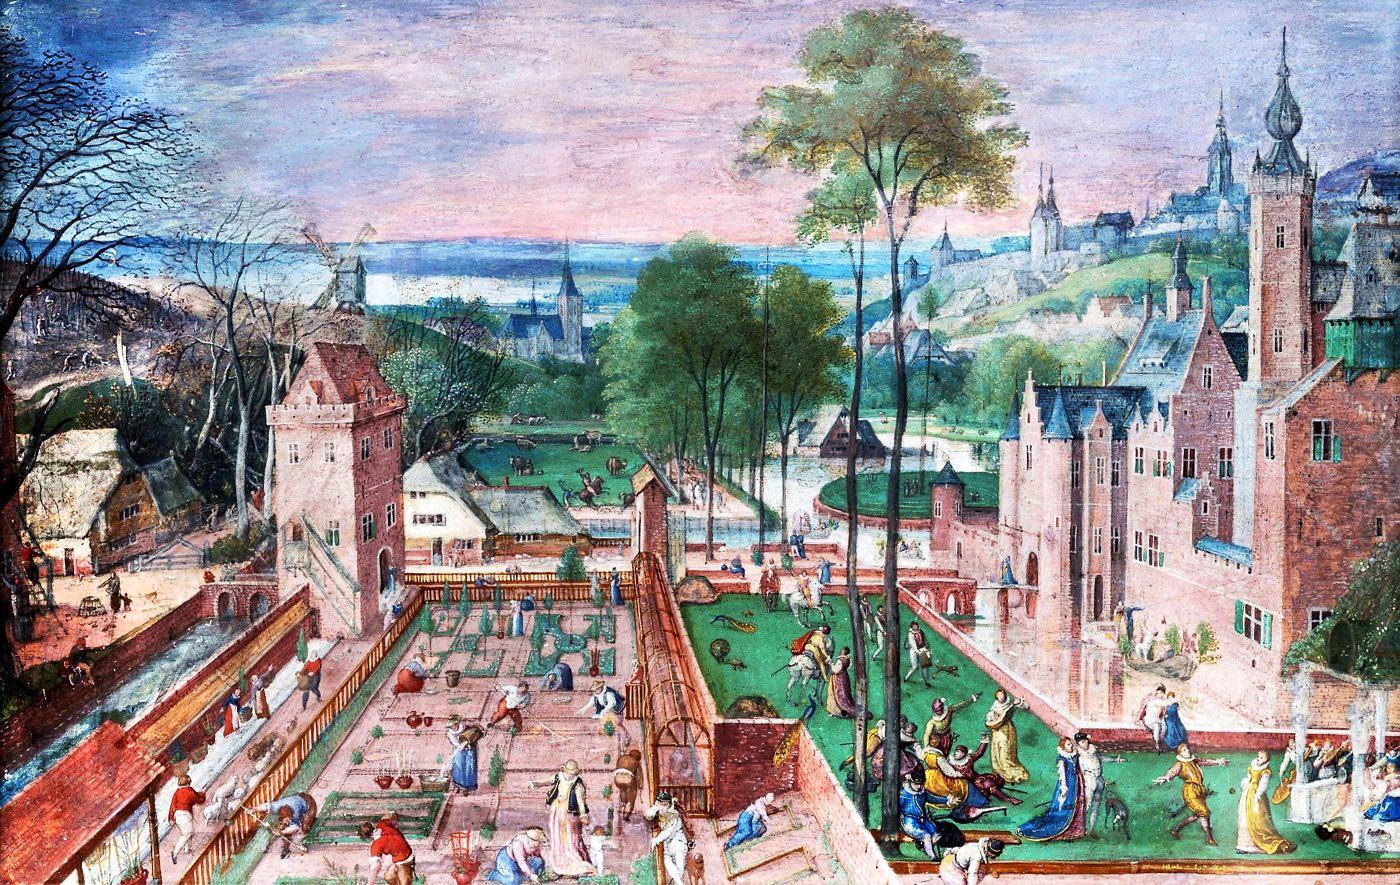 Schlossgarten, Hans Bol, Renaissance, Niederlande, Maler